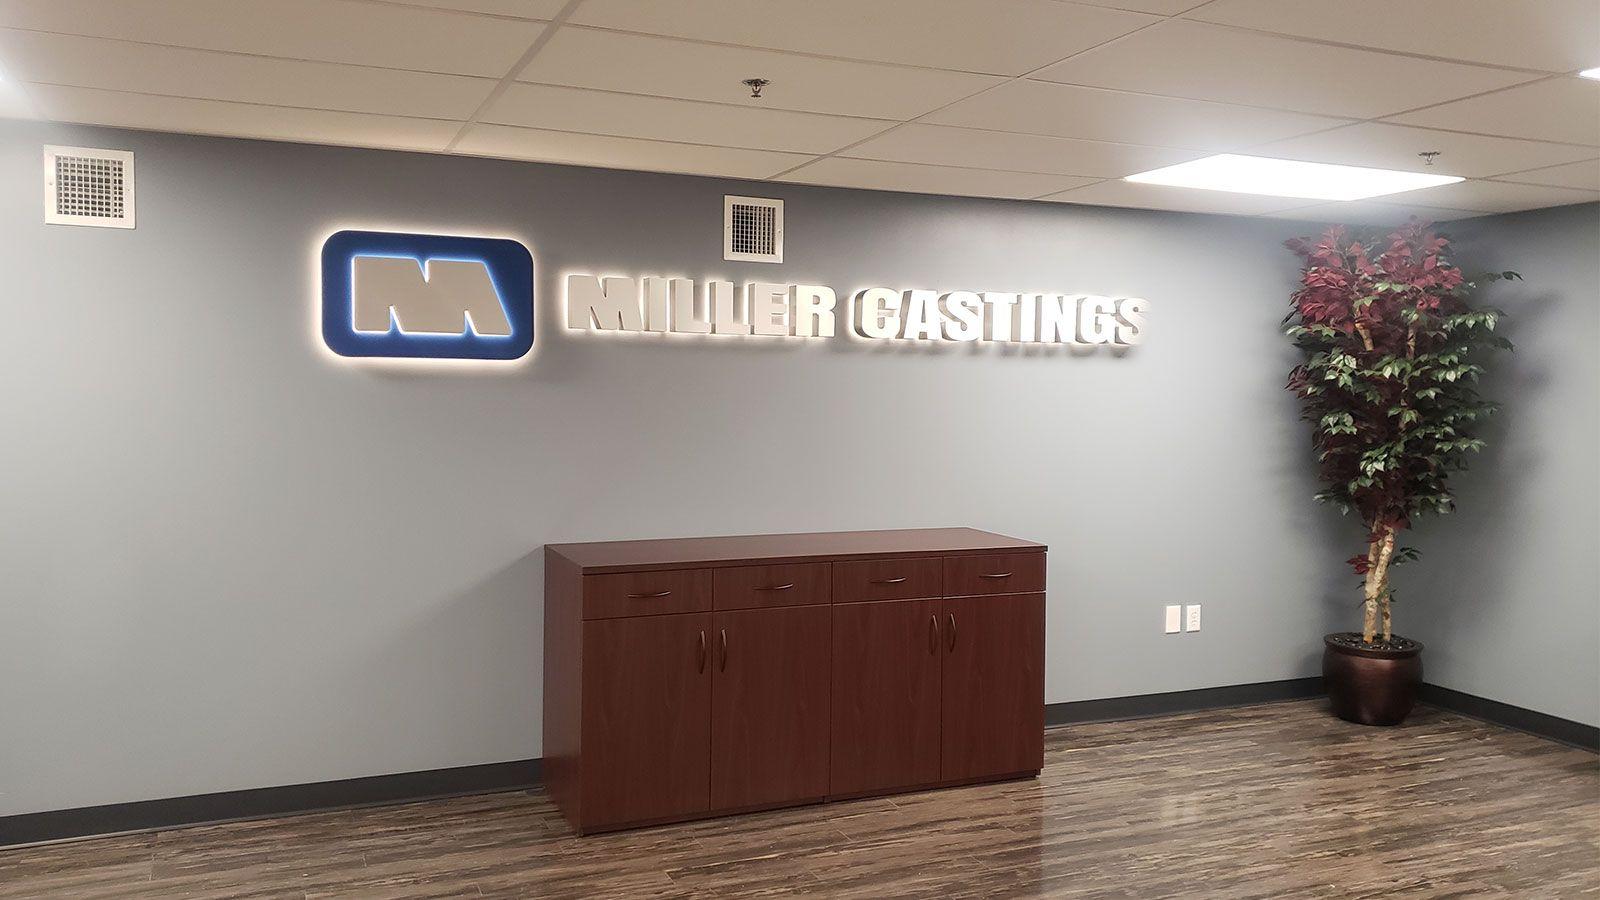 Miller castings office led sign